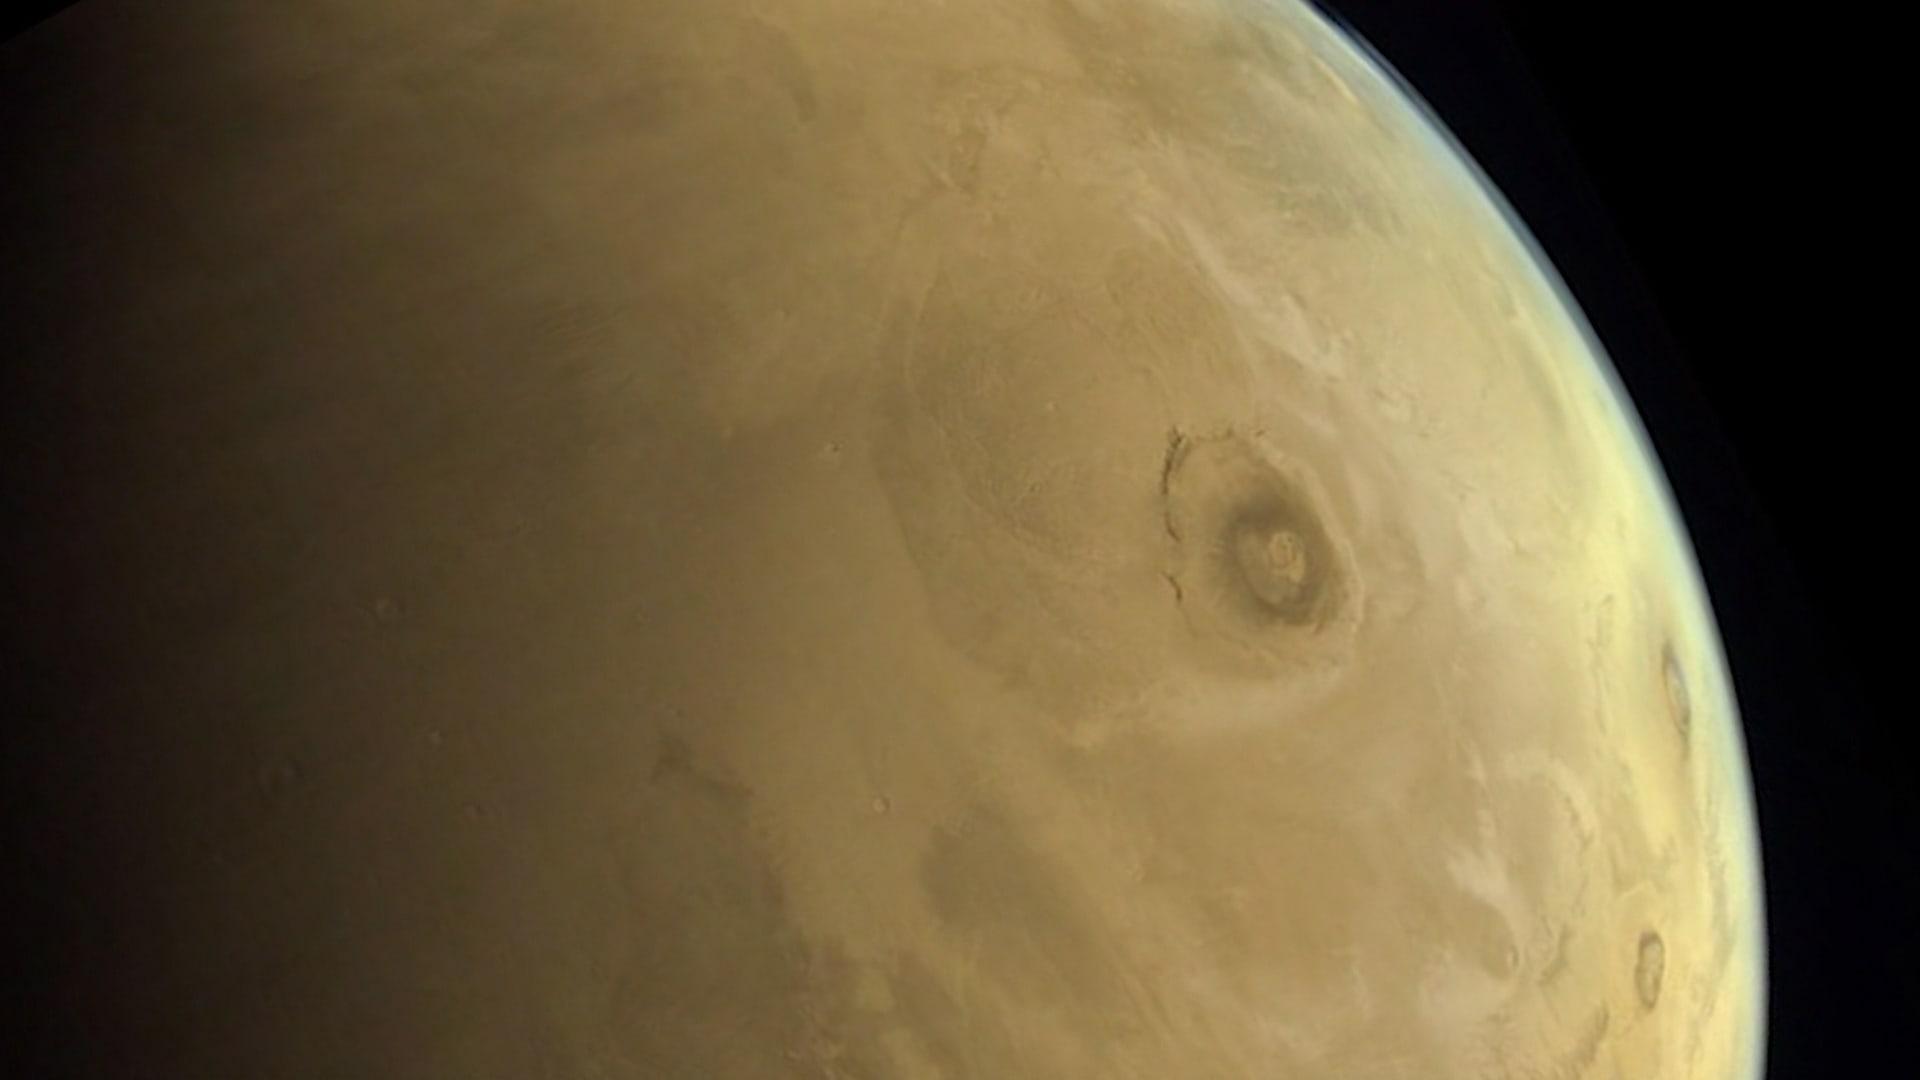 مسبار الأمل الإماراتي يلتقط صورة من المريخ لأطول بركان في النظام الشمسي